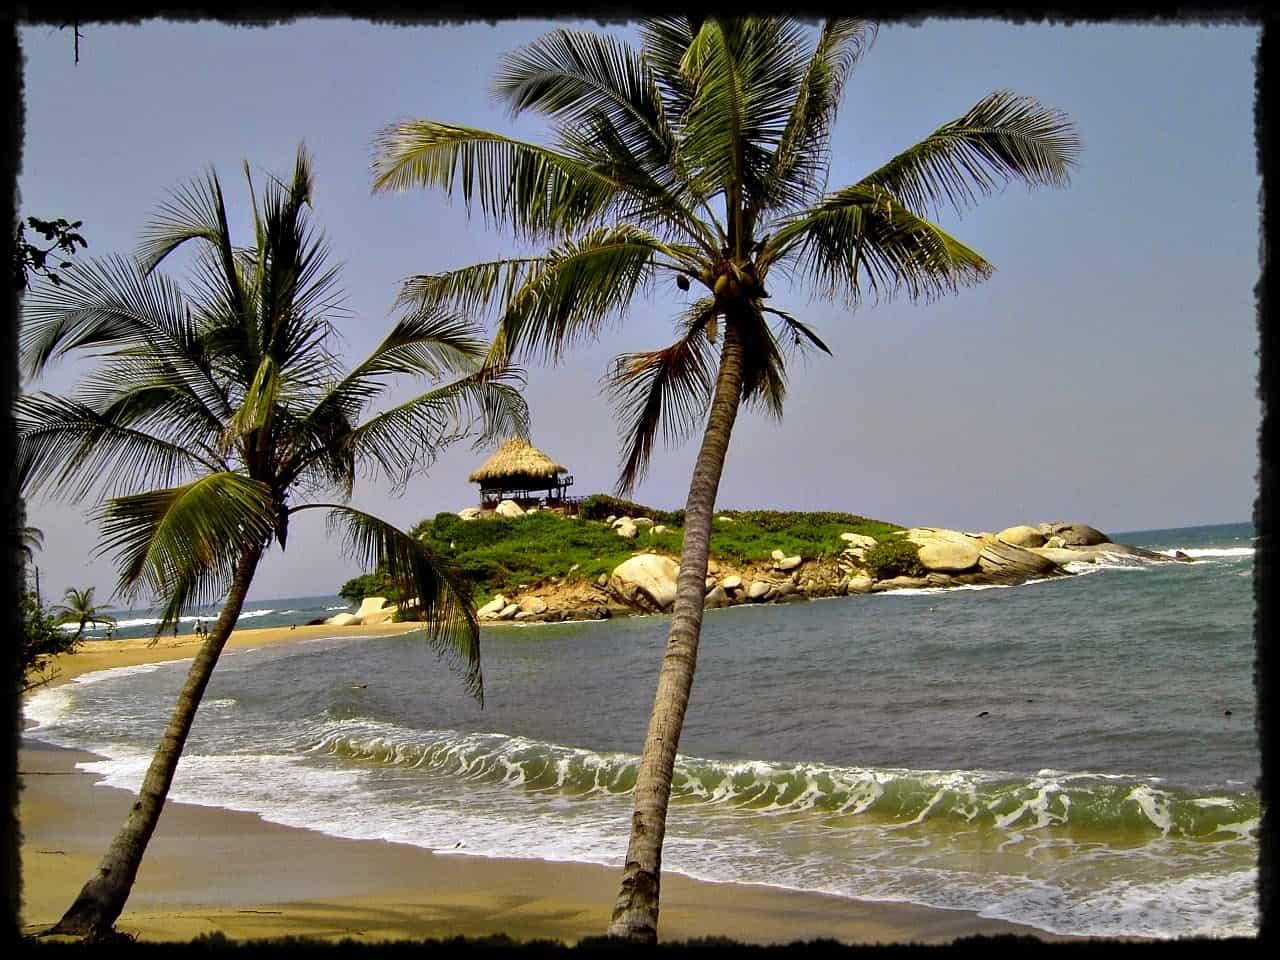 Playas para viajar con niños. Mucho más que mar y arena.